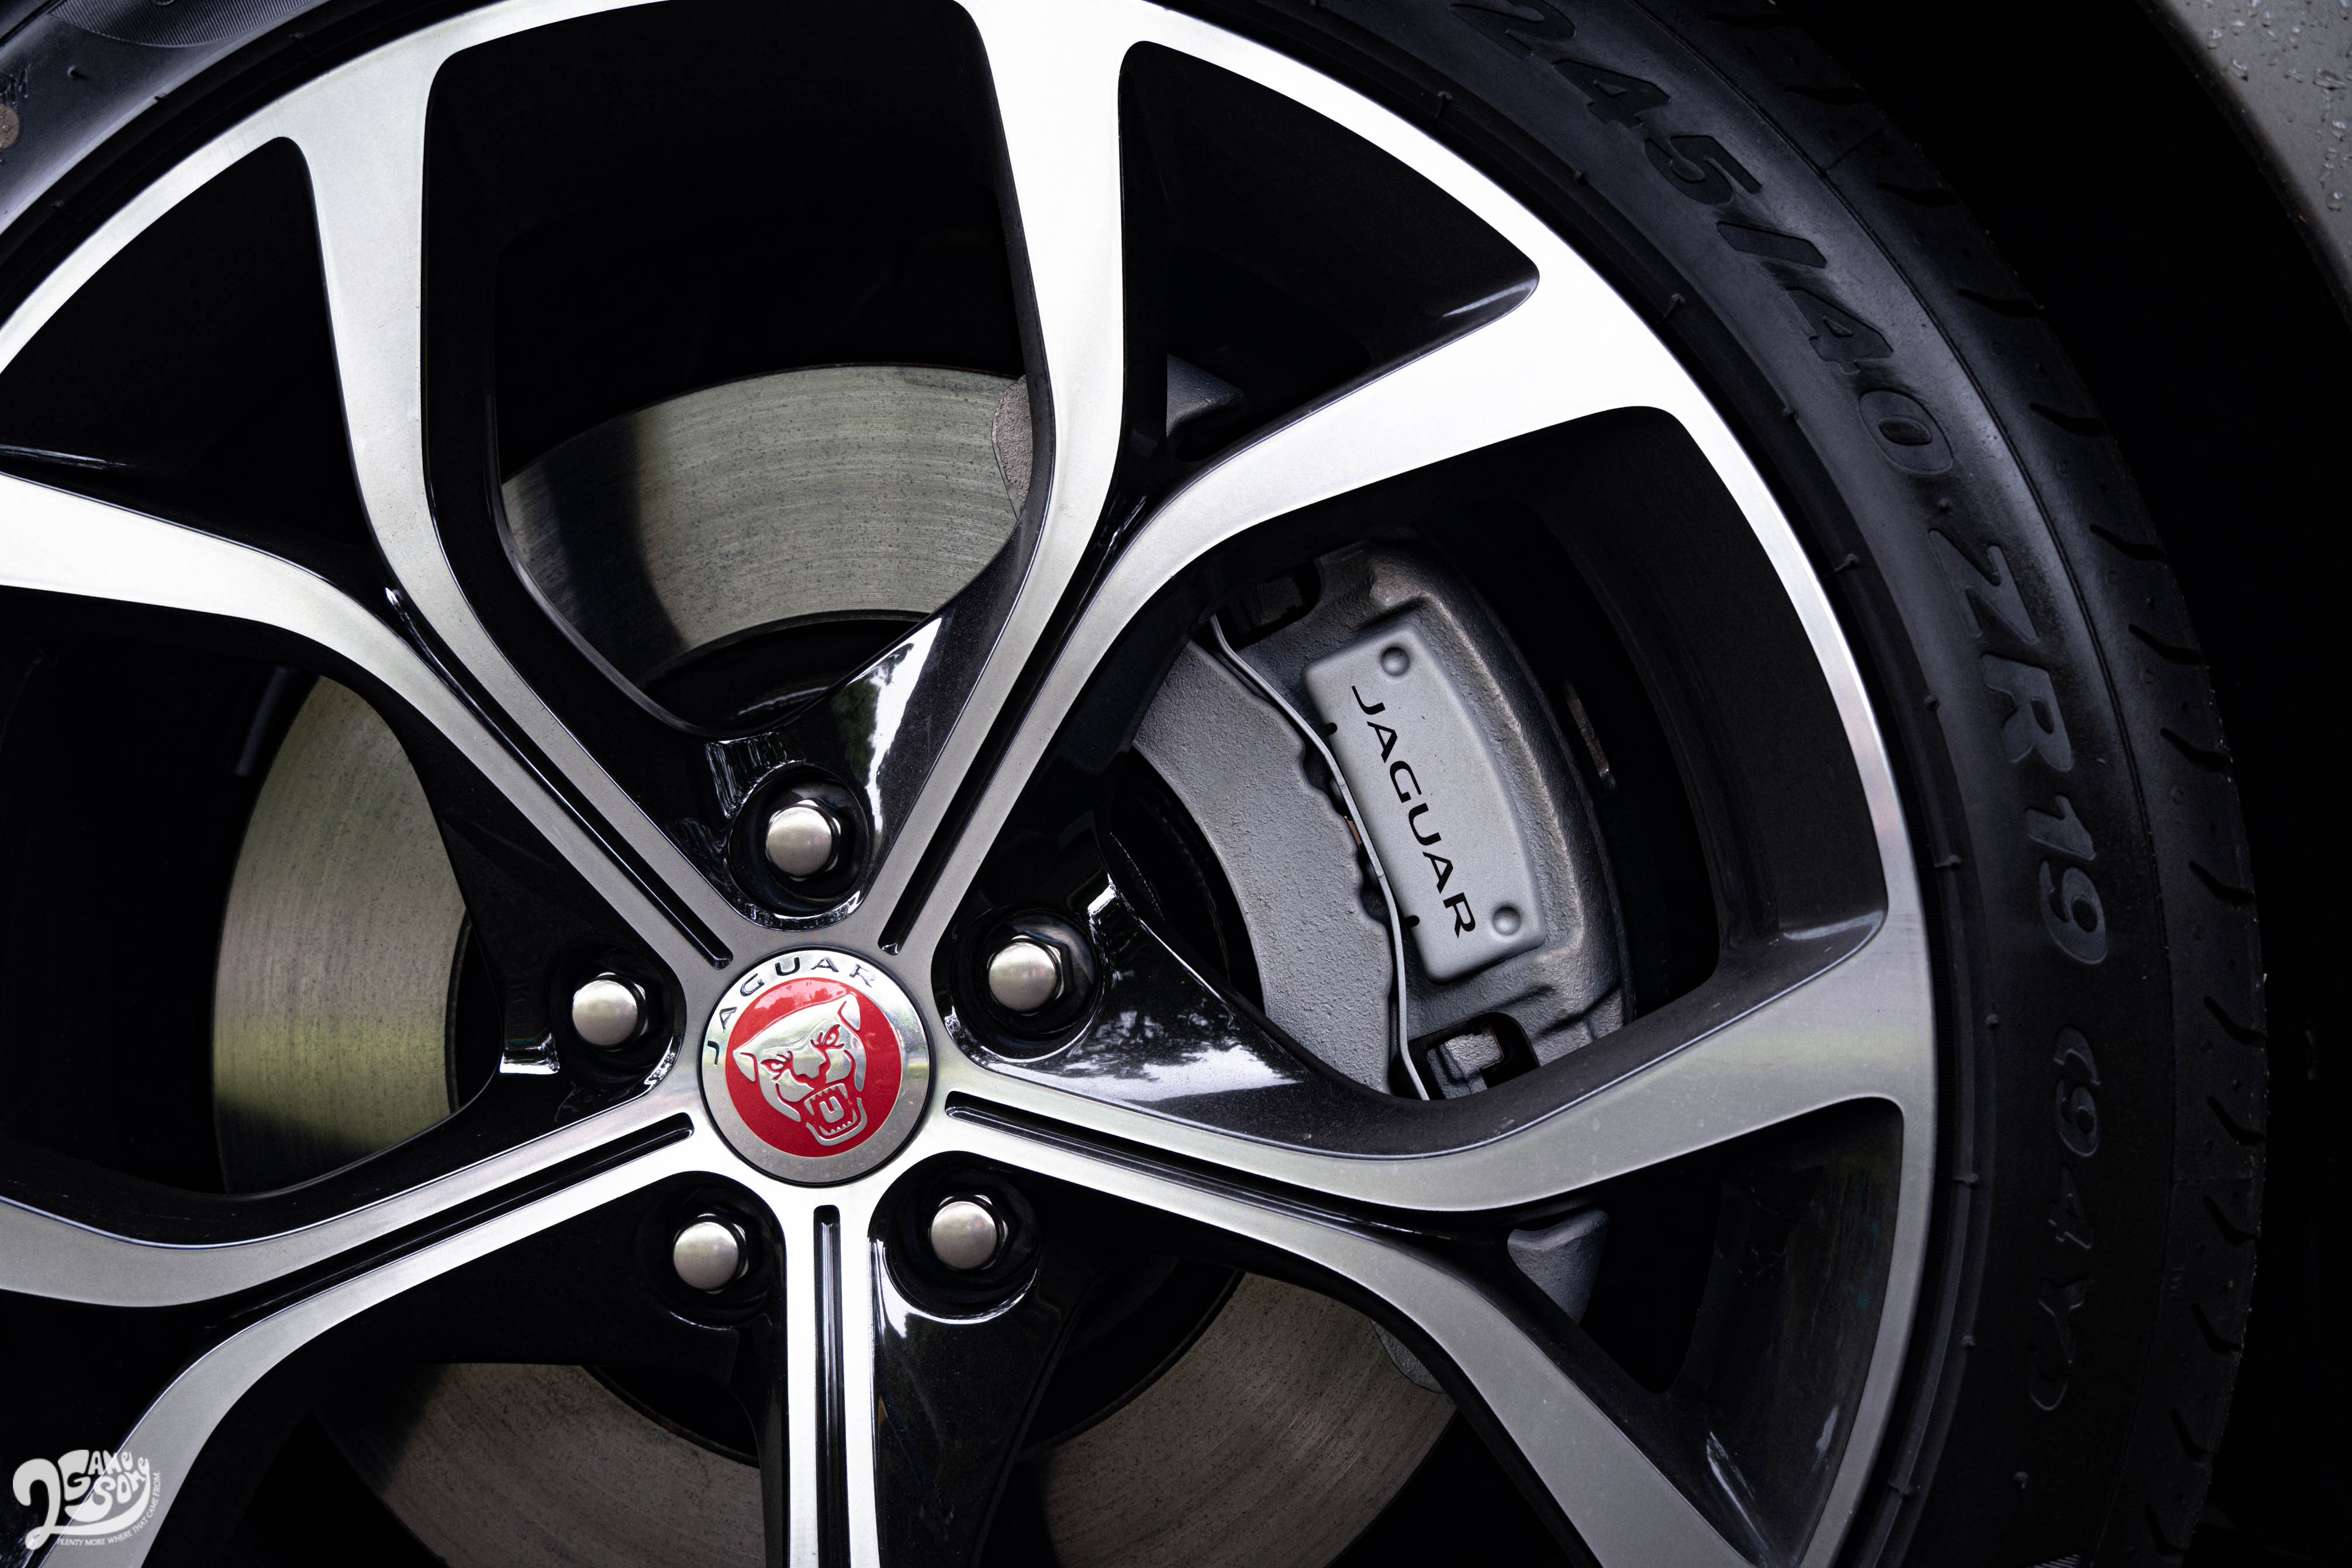 P300 R-Dynamic 車型採用 19 吋輪圈規格。